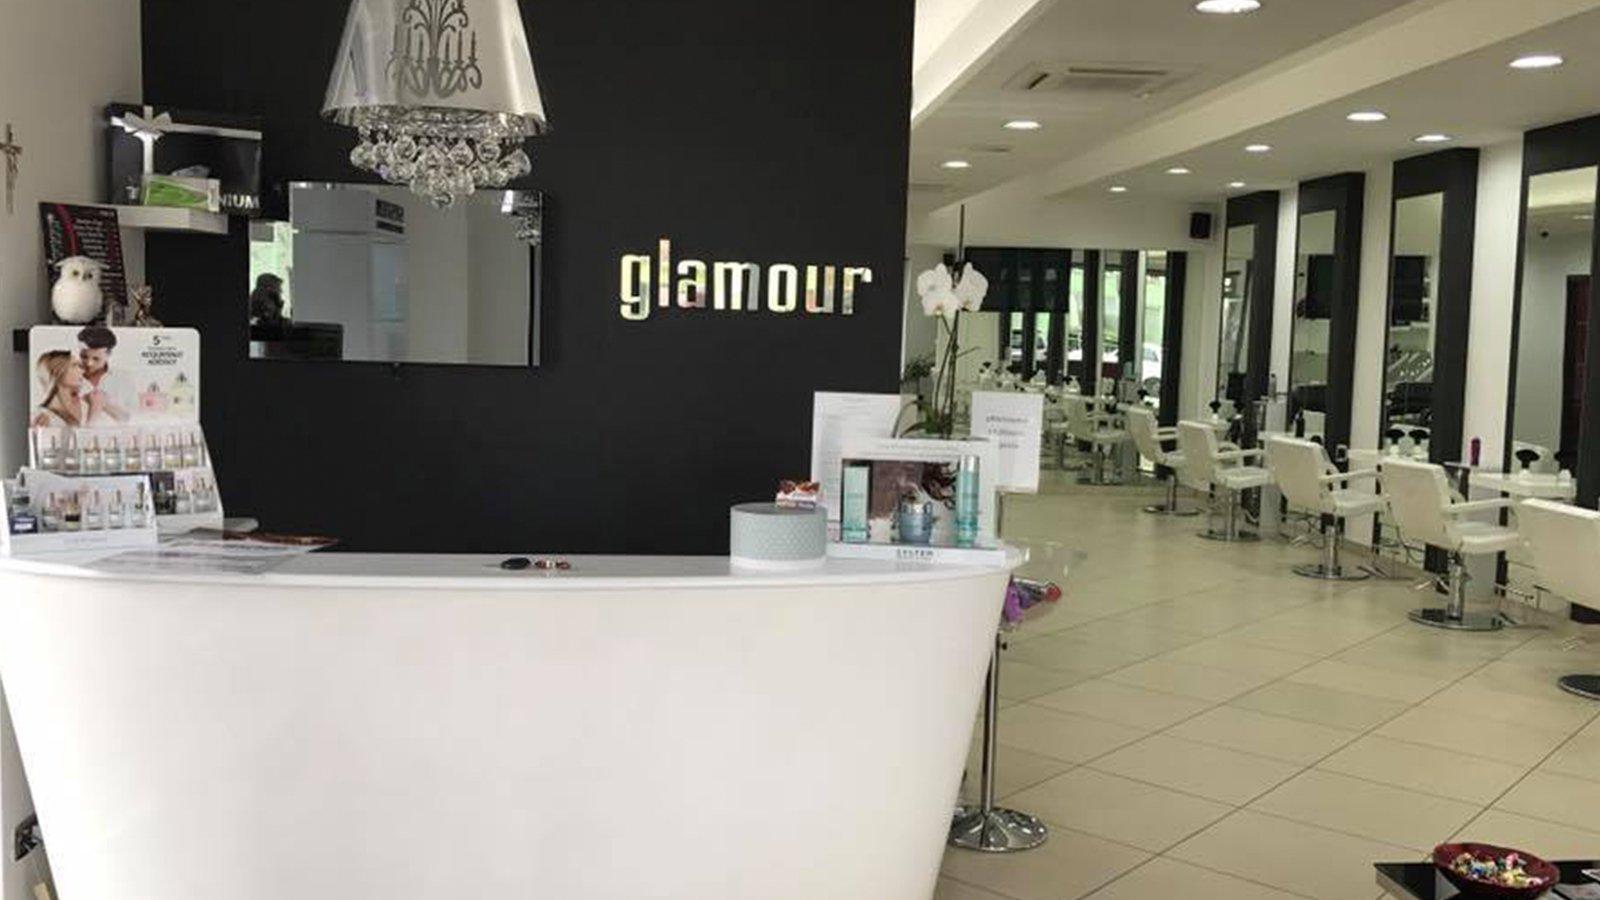 vista di un banco bianco, la scritta Glamour e le sedie all'interno di un negozio di parrucchieri